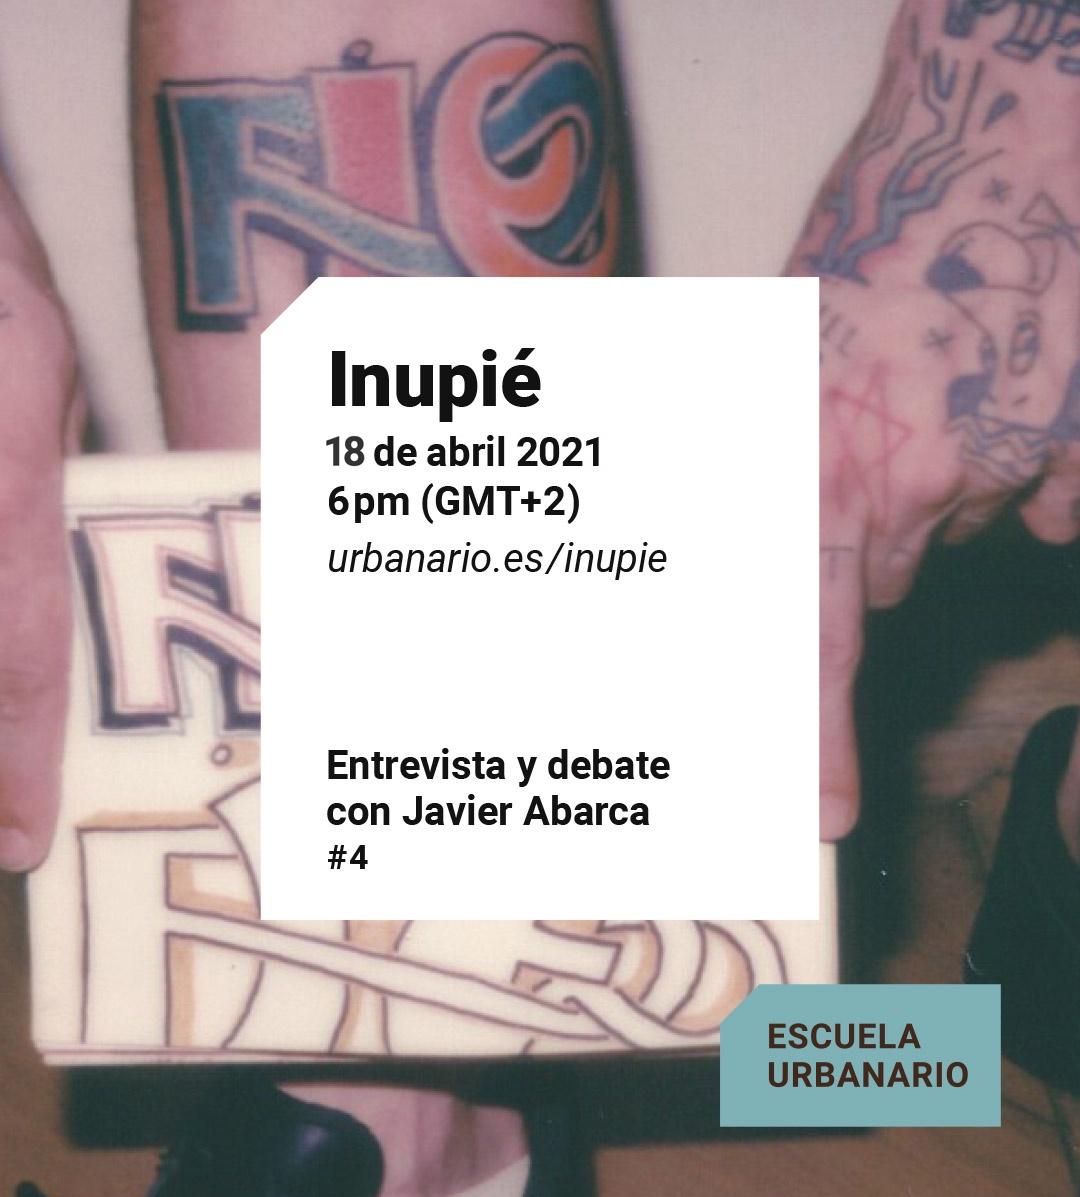 Entrevista Inupie